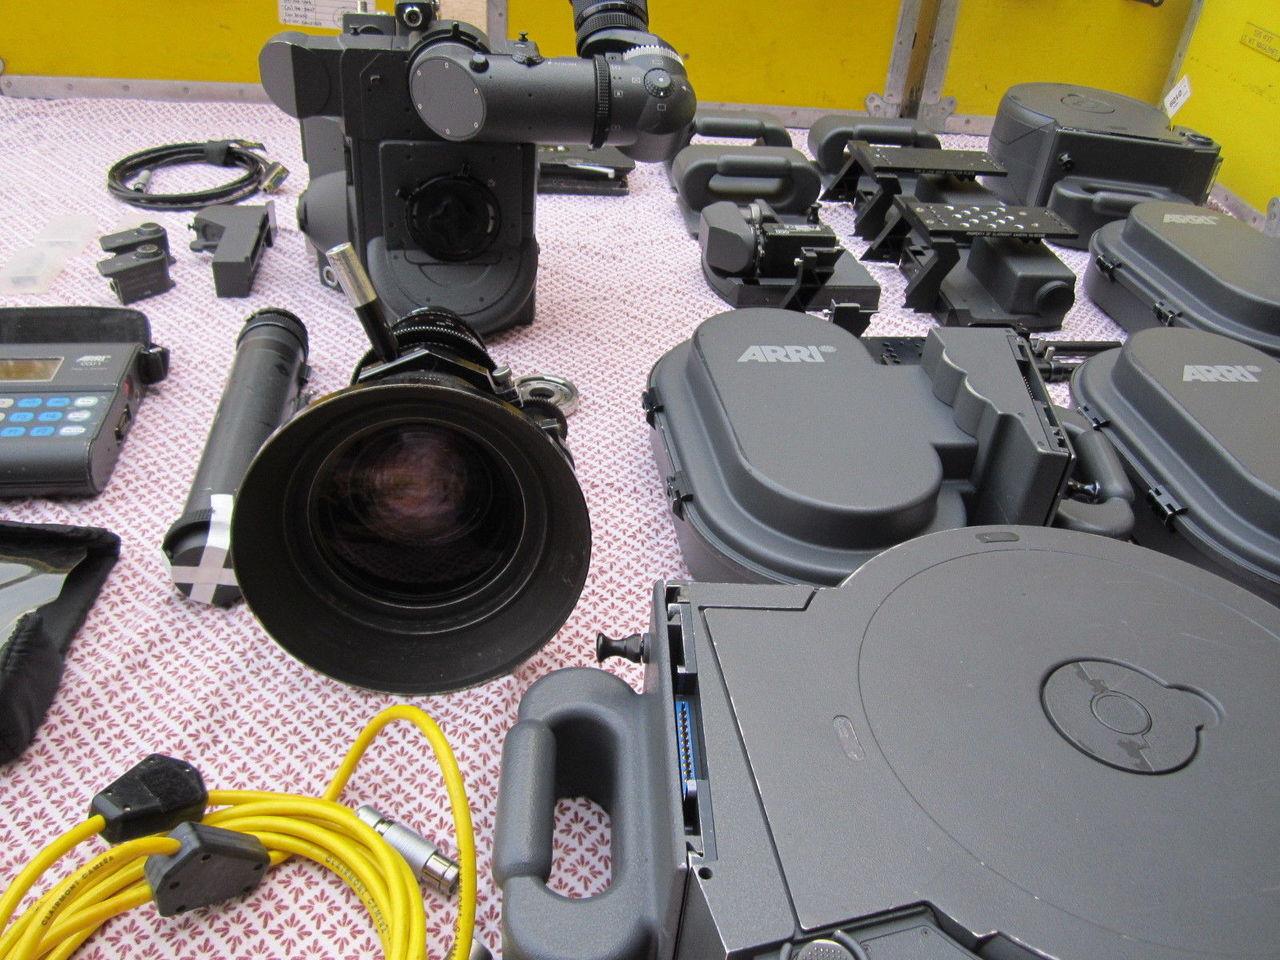 Arriflex Arri 535A Super-35 Movie Camera Package